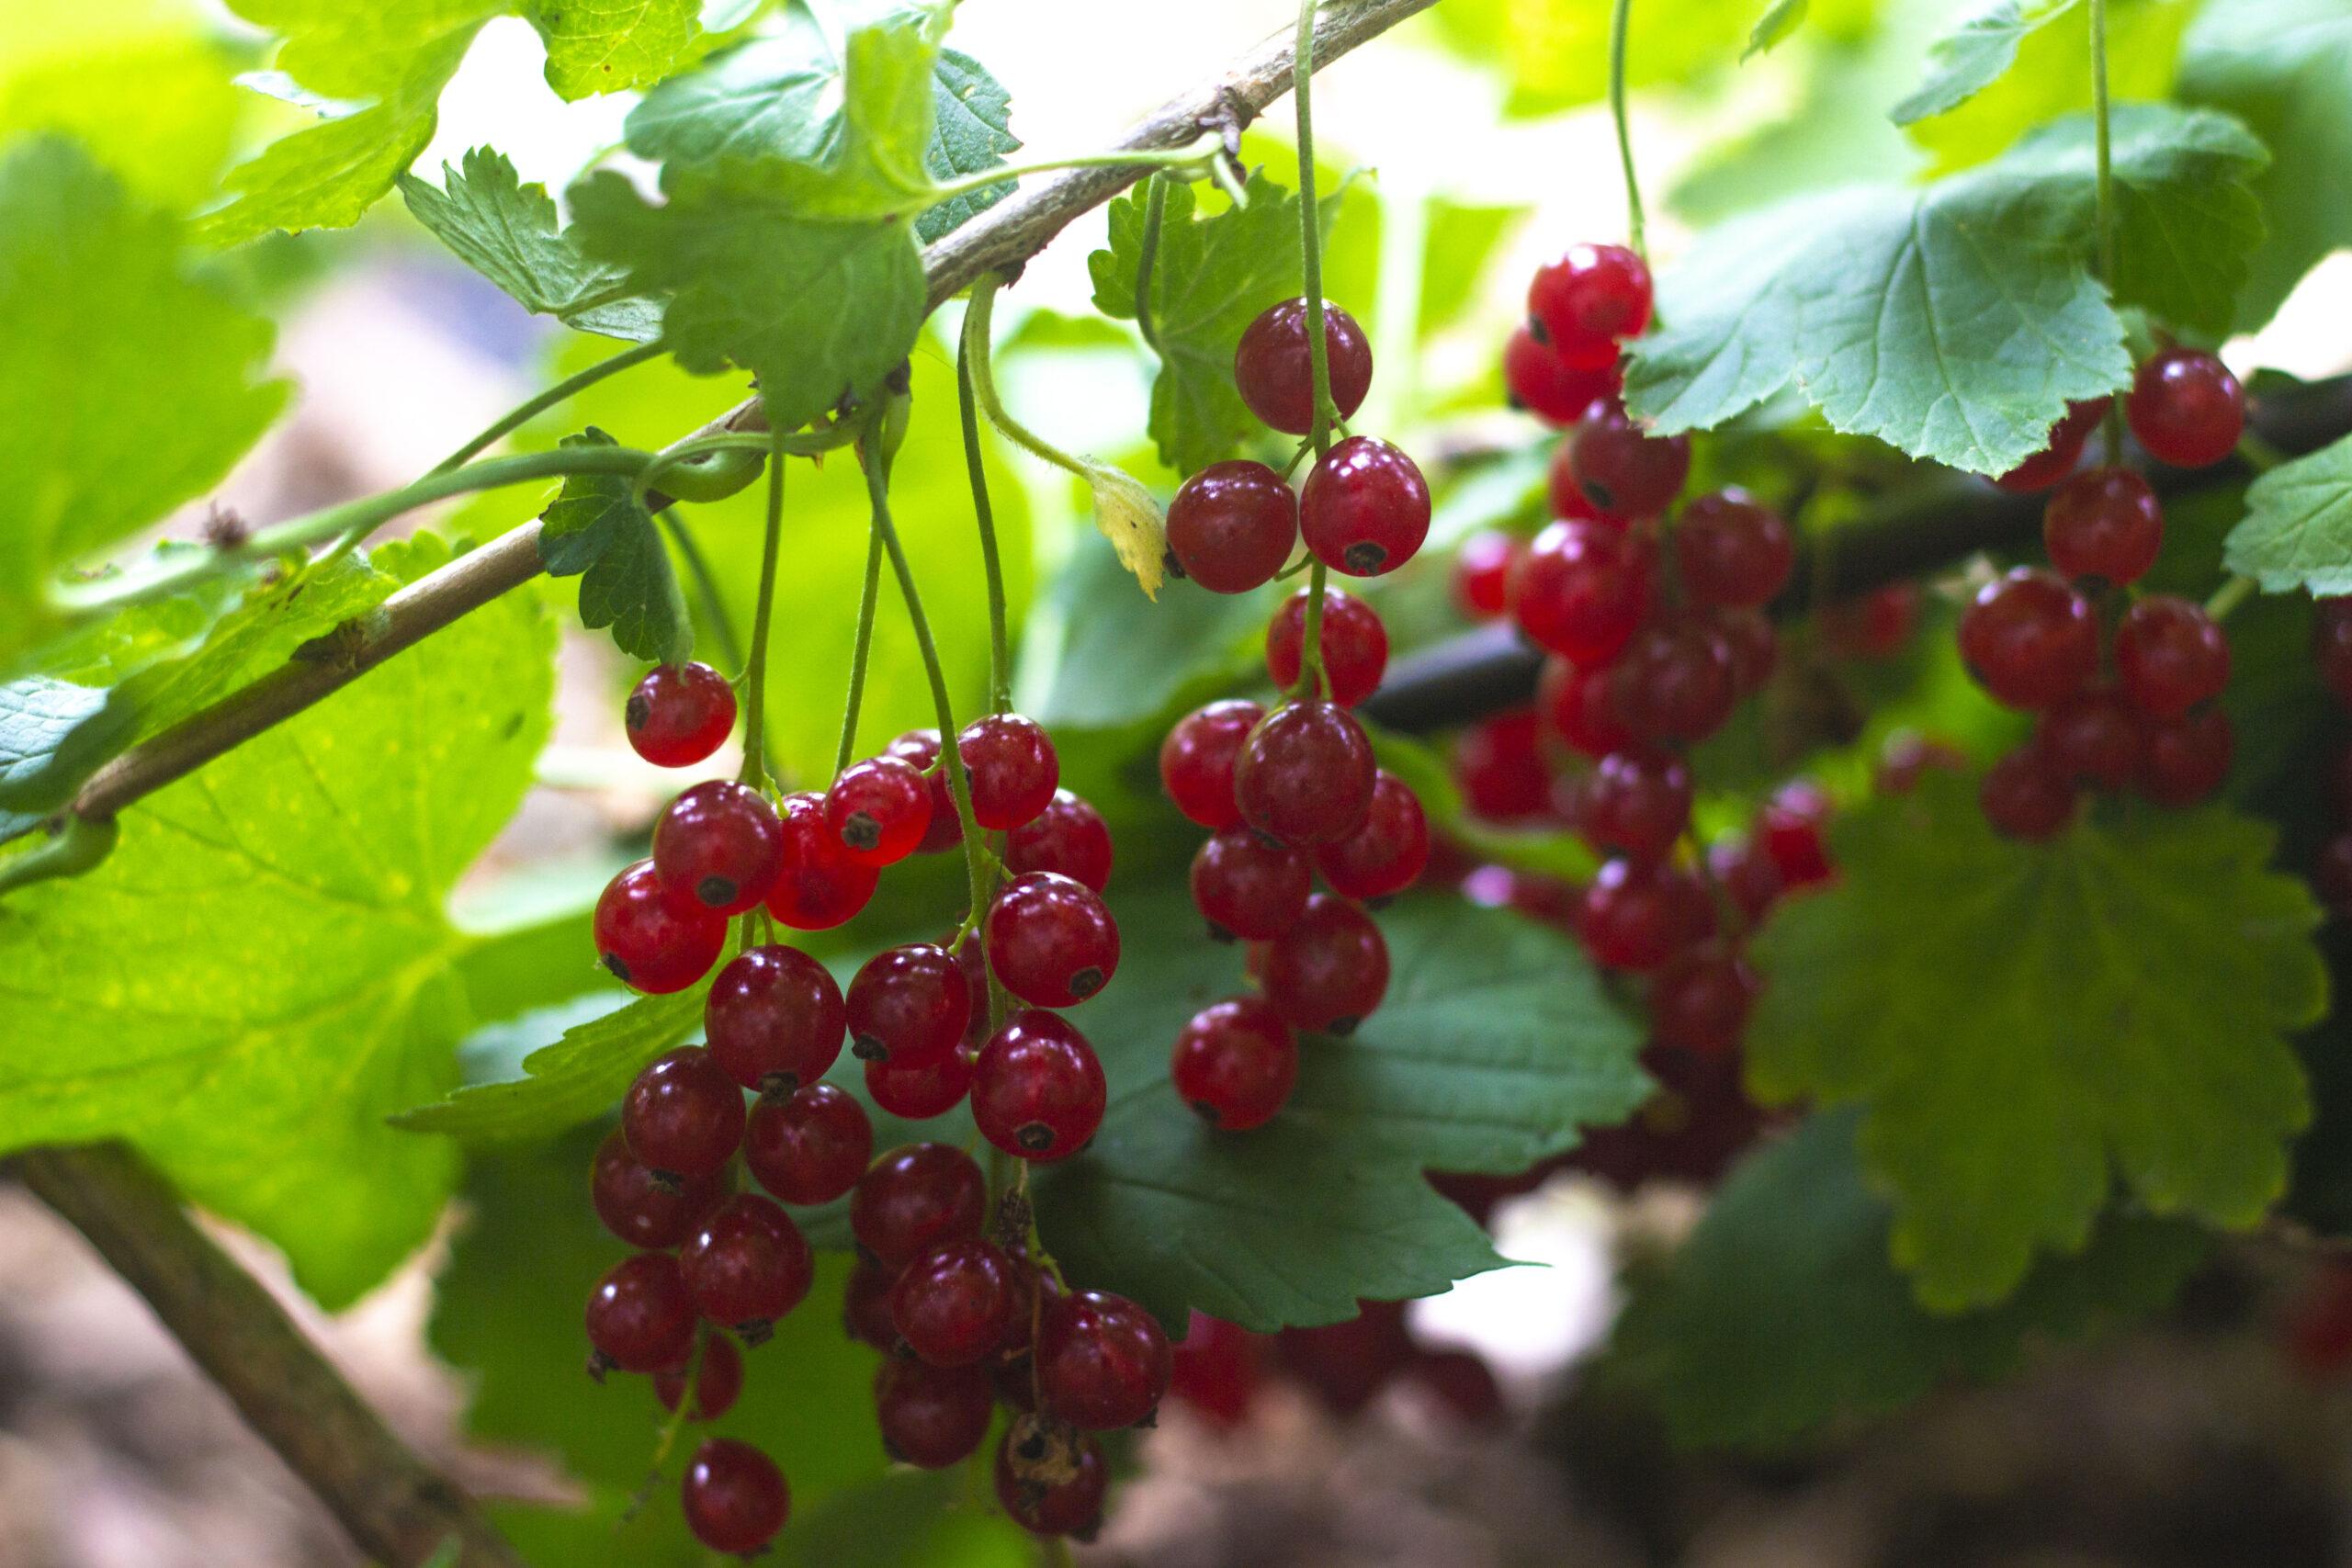 Den første frugthave